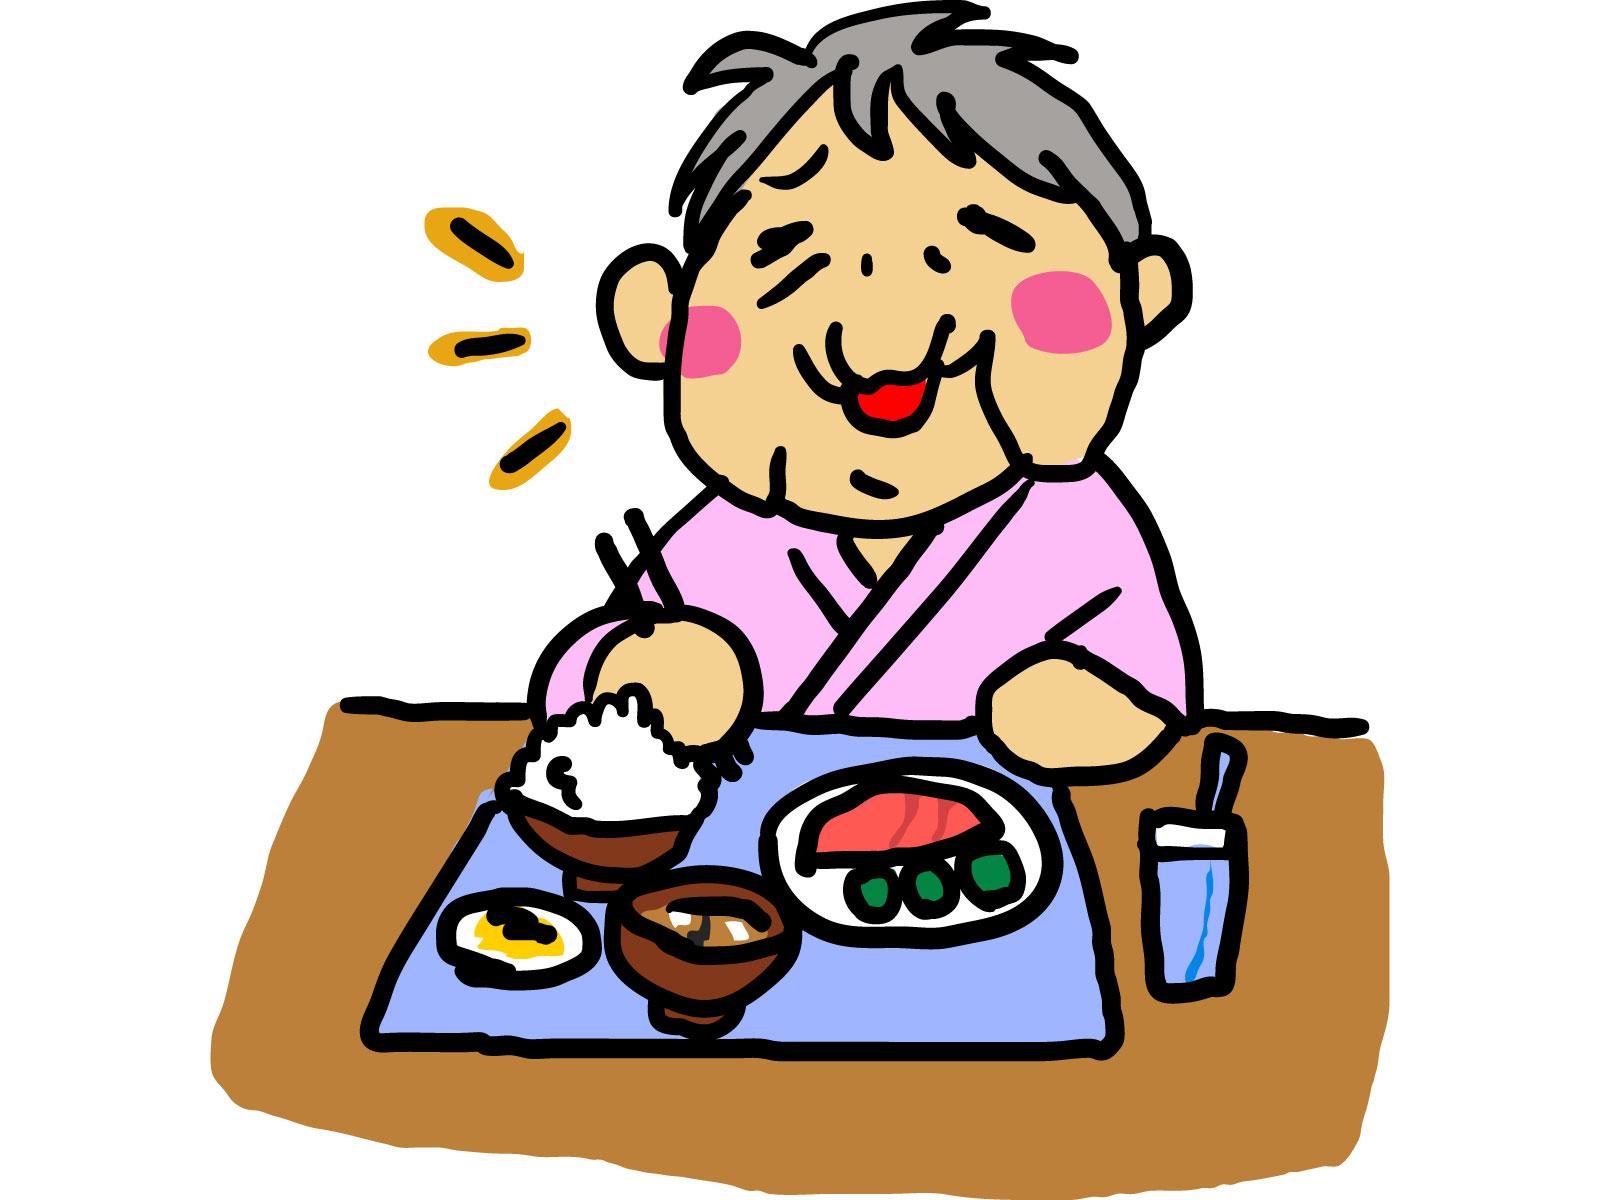 デイサービスでの食事を食べない認知症の人への対応事例